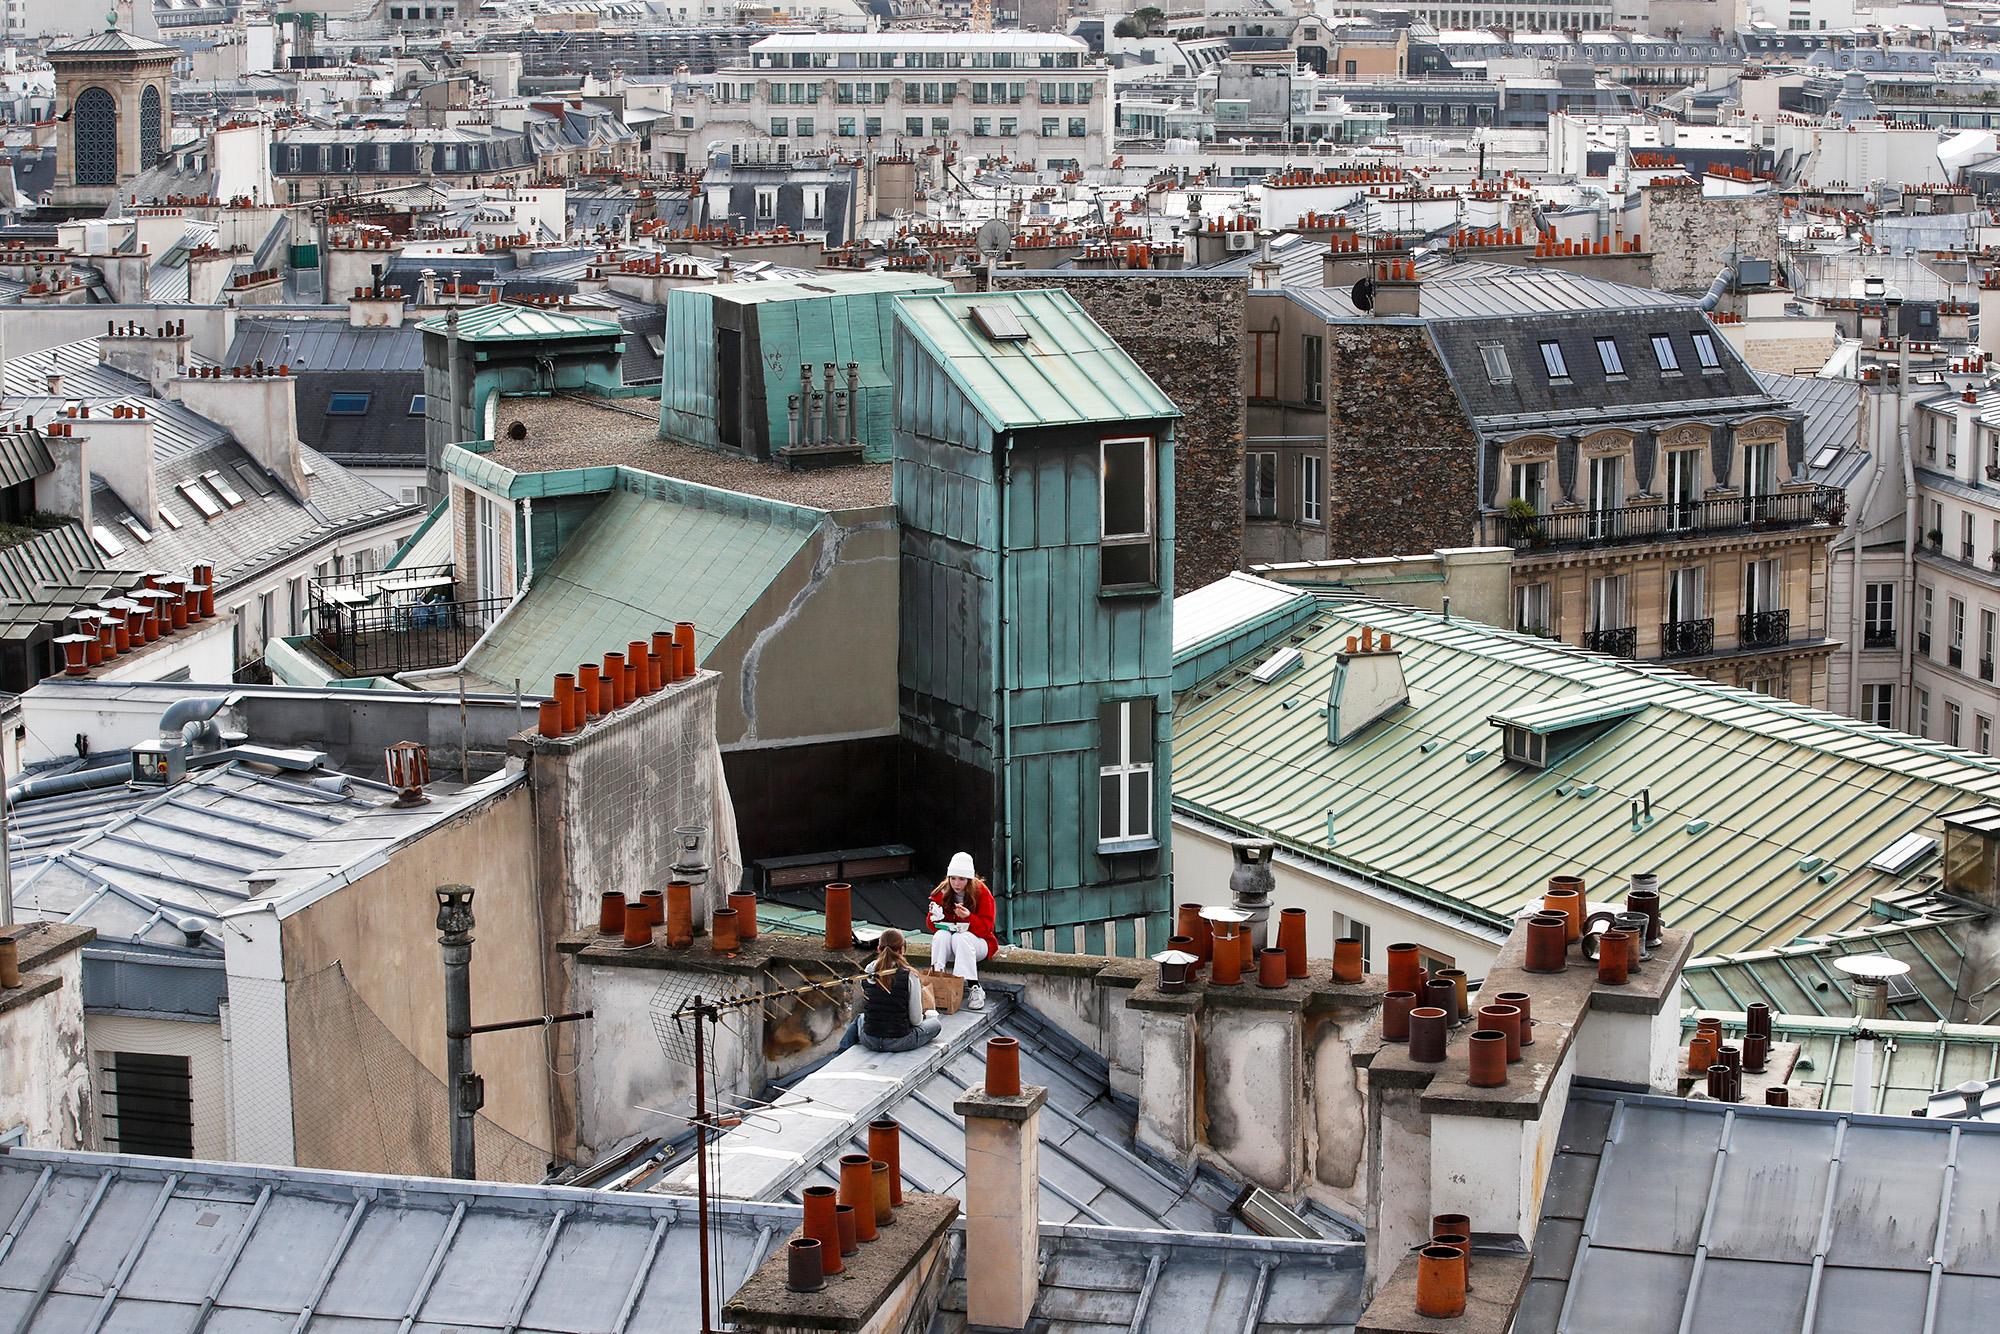 Пикник накрыше жилого дома вПариже, Франция.